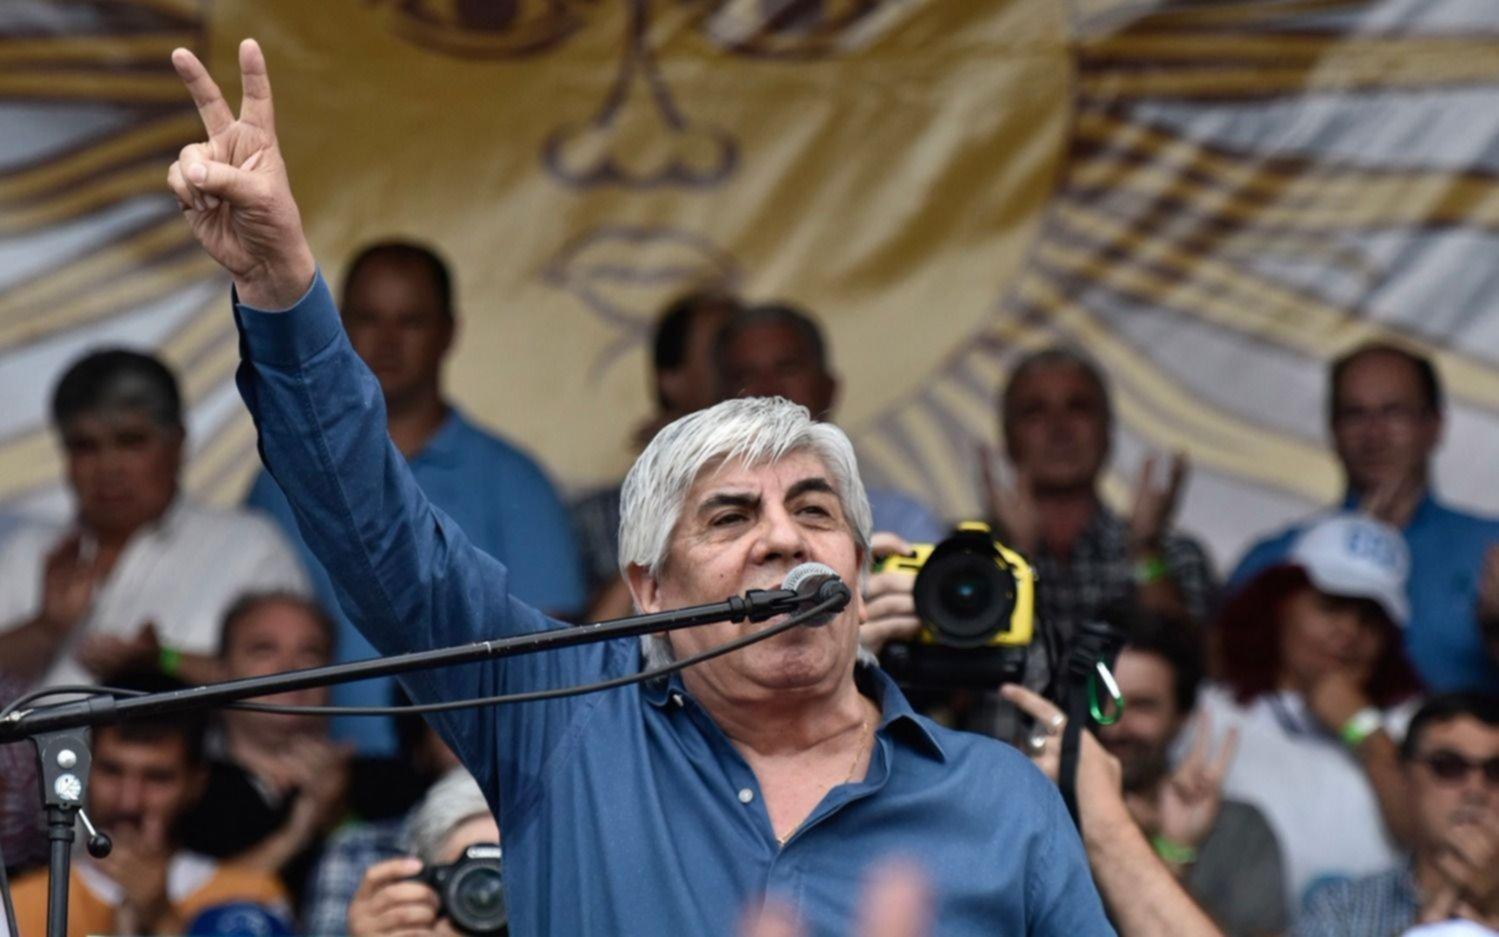 Citan a Moyano en una causa por lavado de dinero en Córdoba